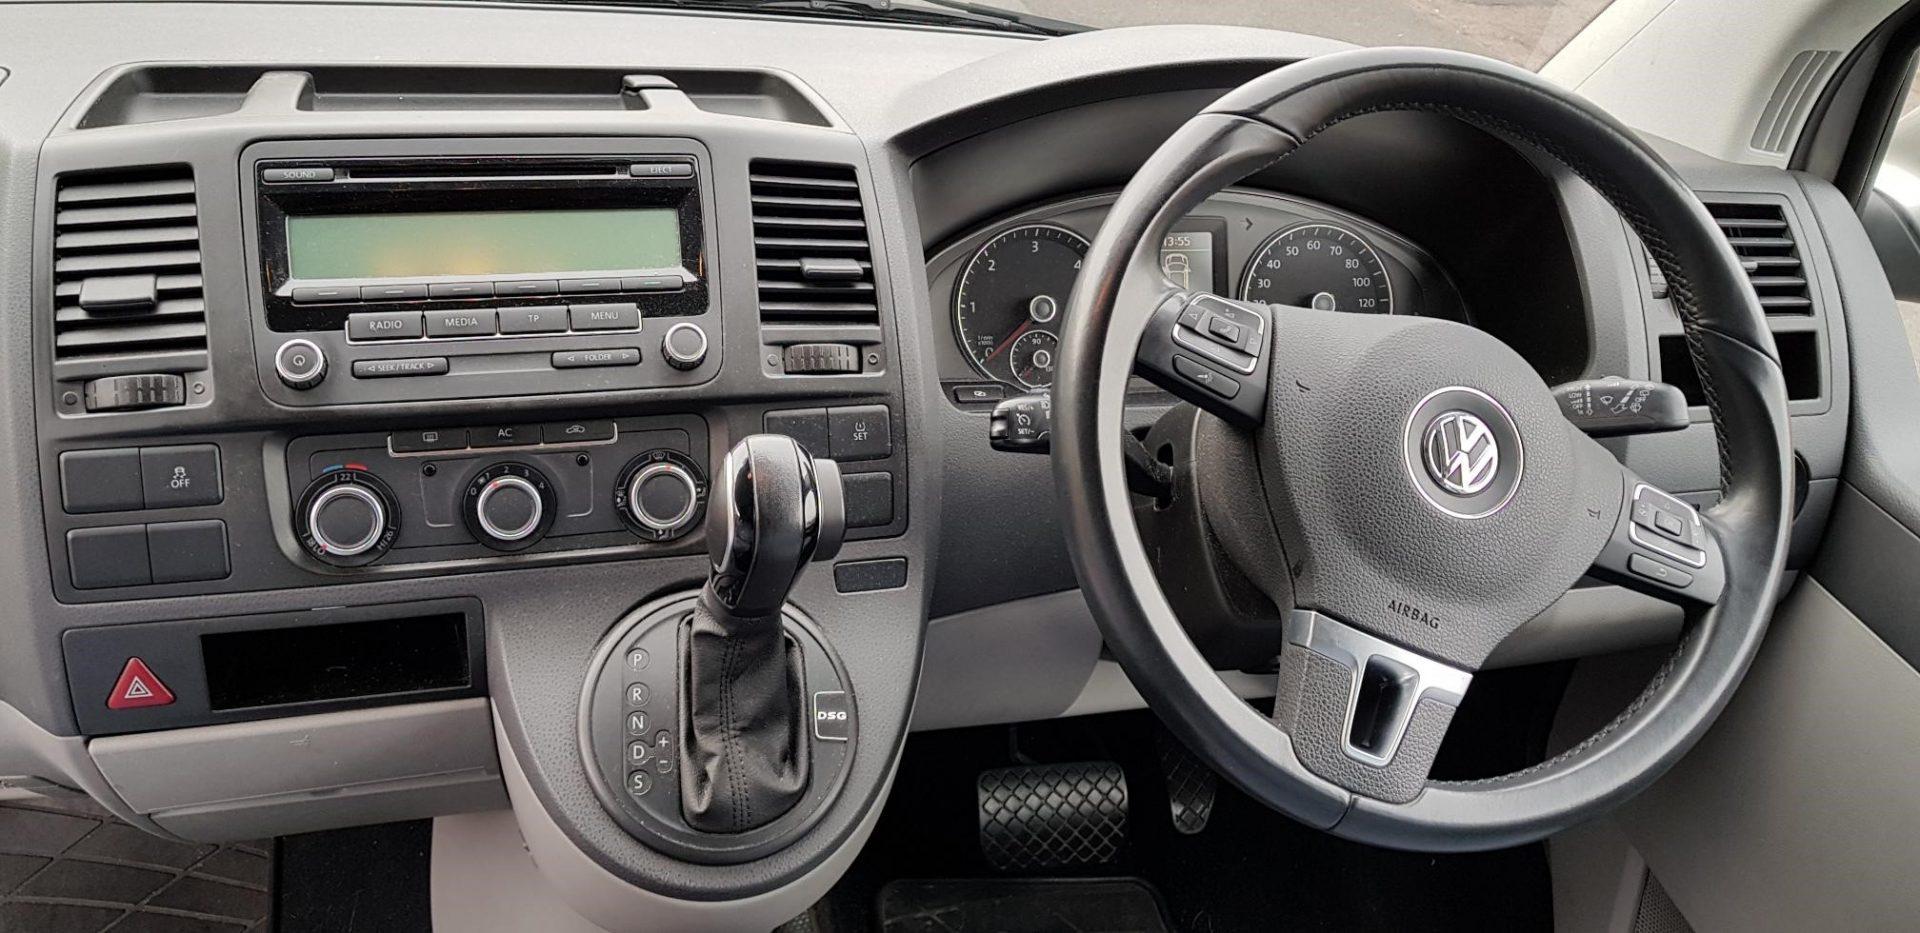 2011 Cromarty VW T5 DSG Campervan